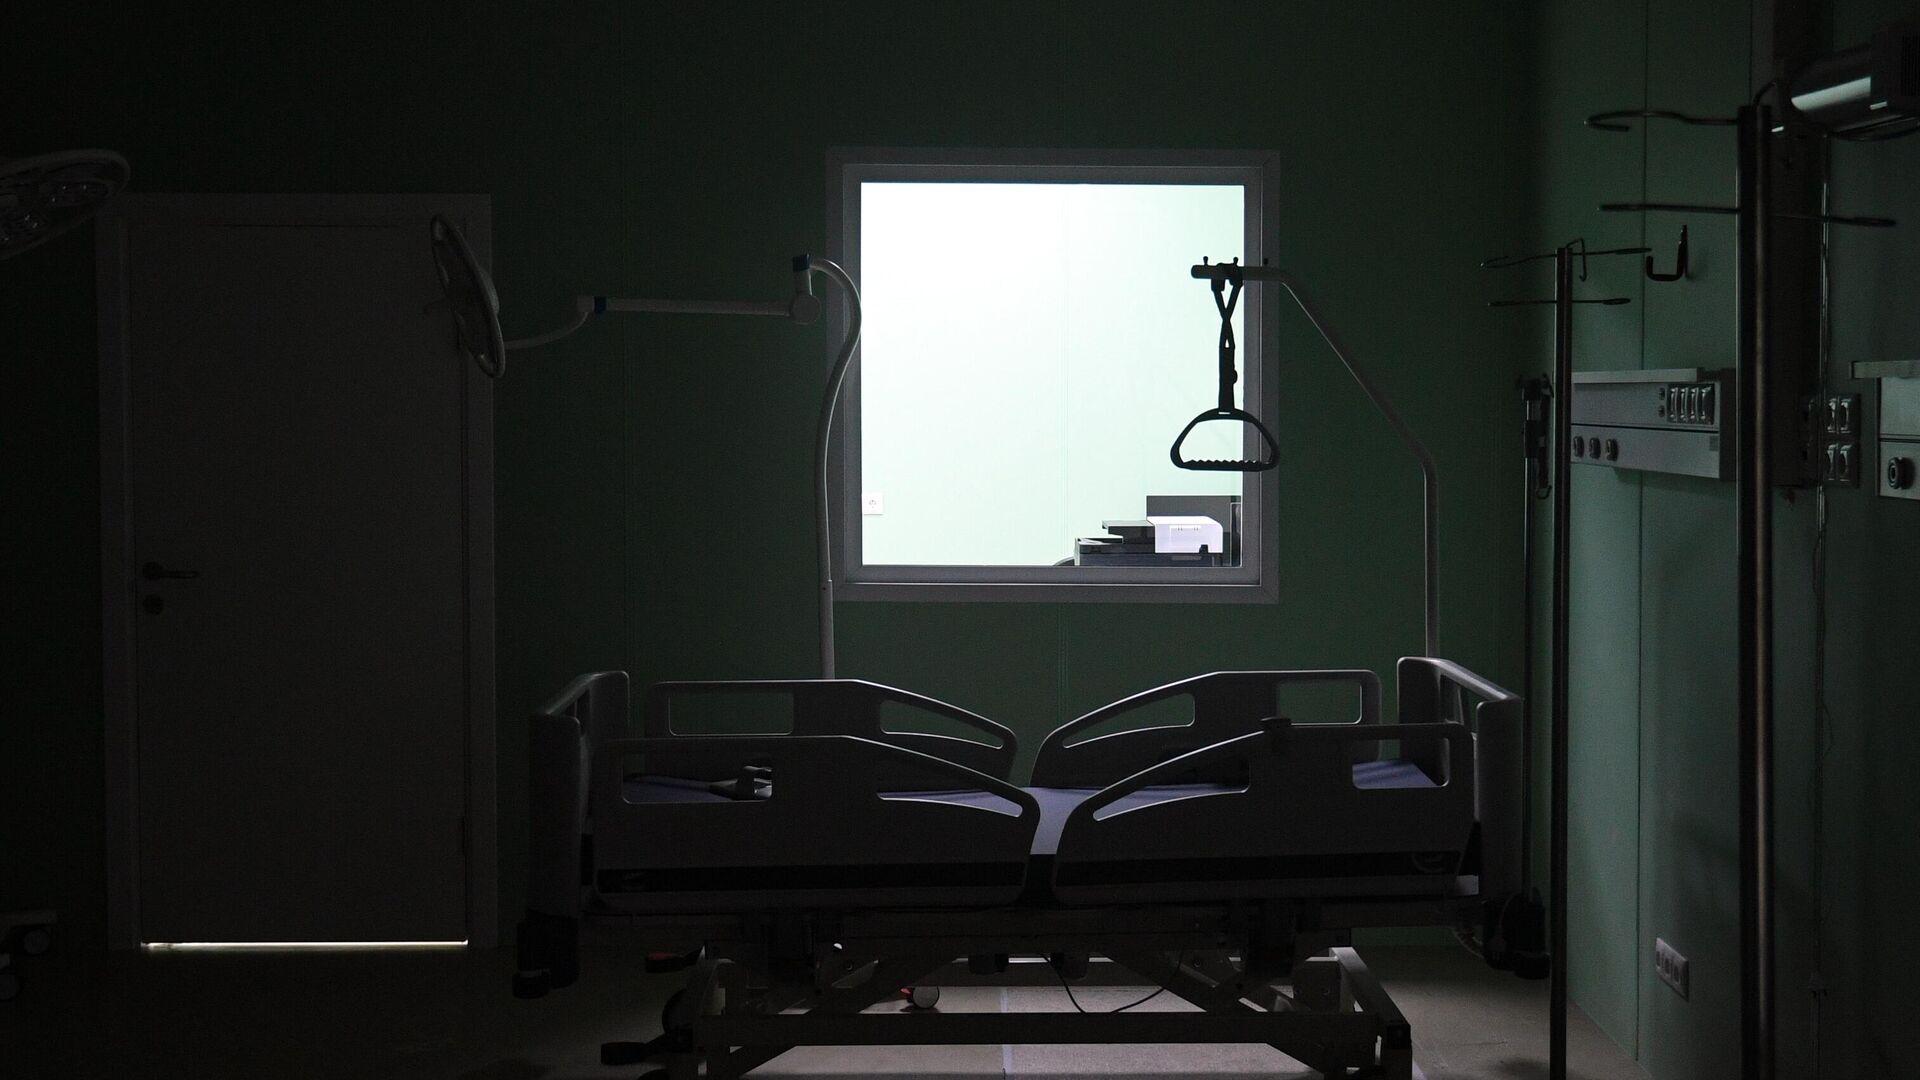 Оборудование реанимационной палаты во временном госпитале для пациентов с COVID-19 в павильоне No75 на ВДНХ в Москве - РИА Новости, 1920, 06.05.2021